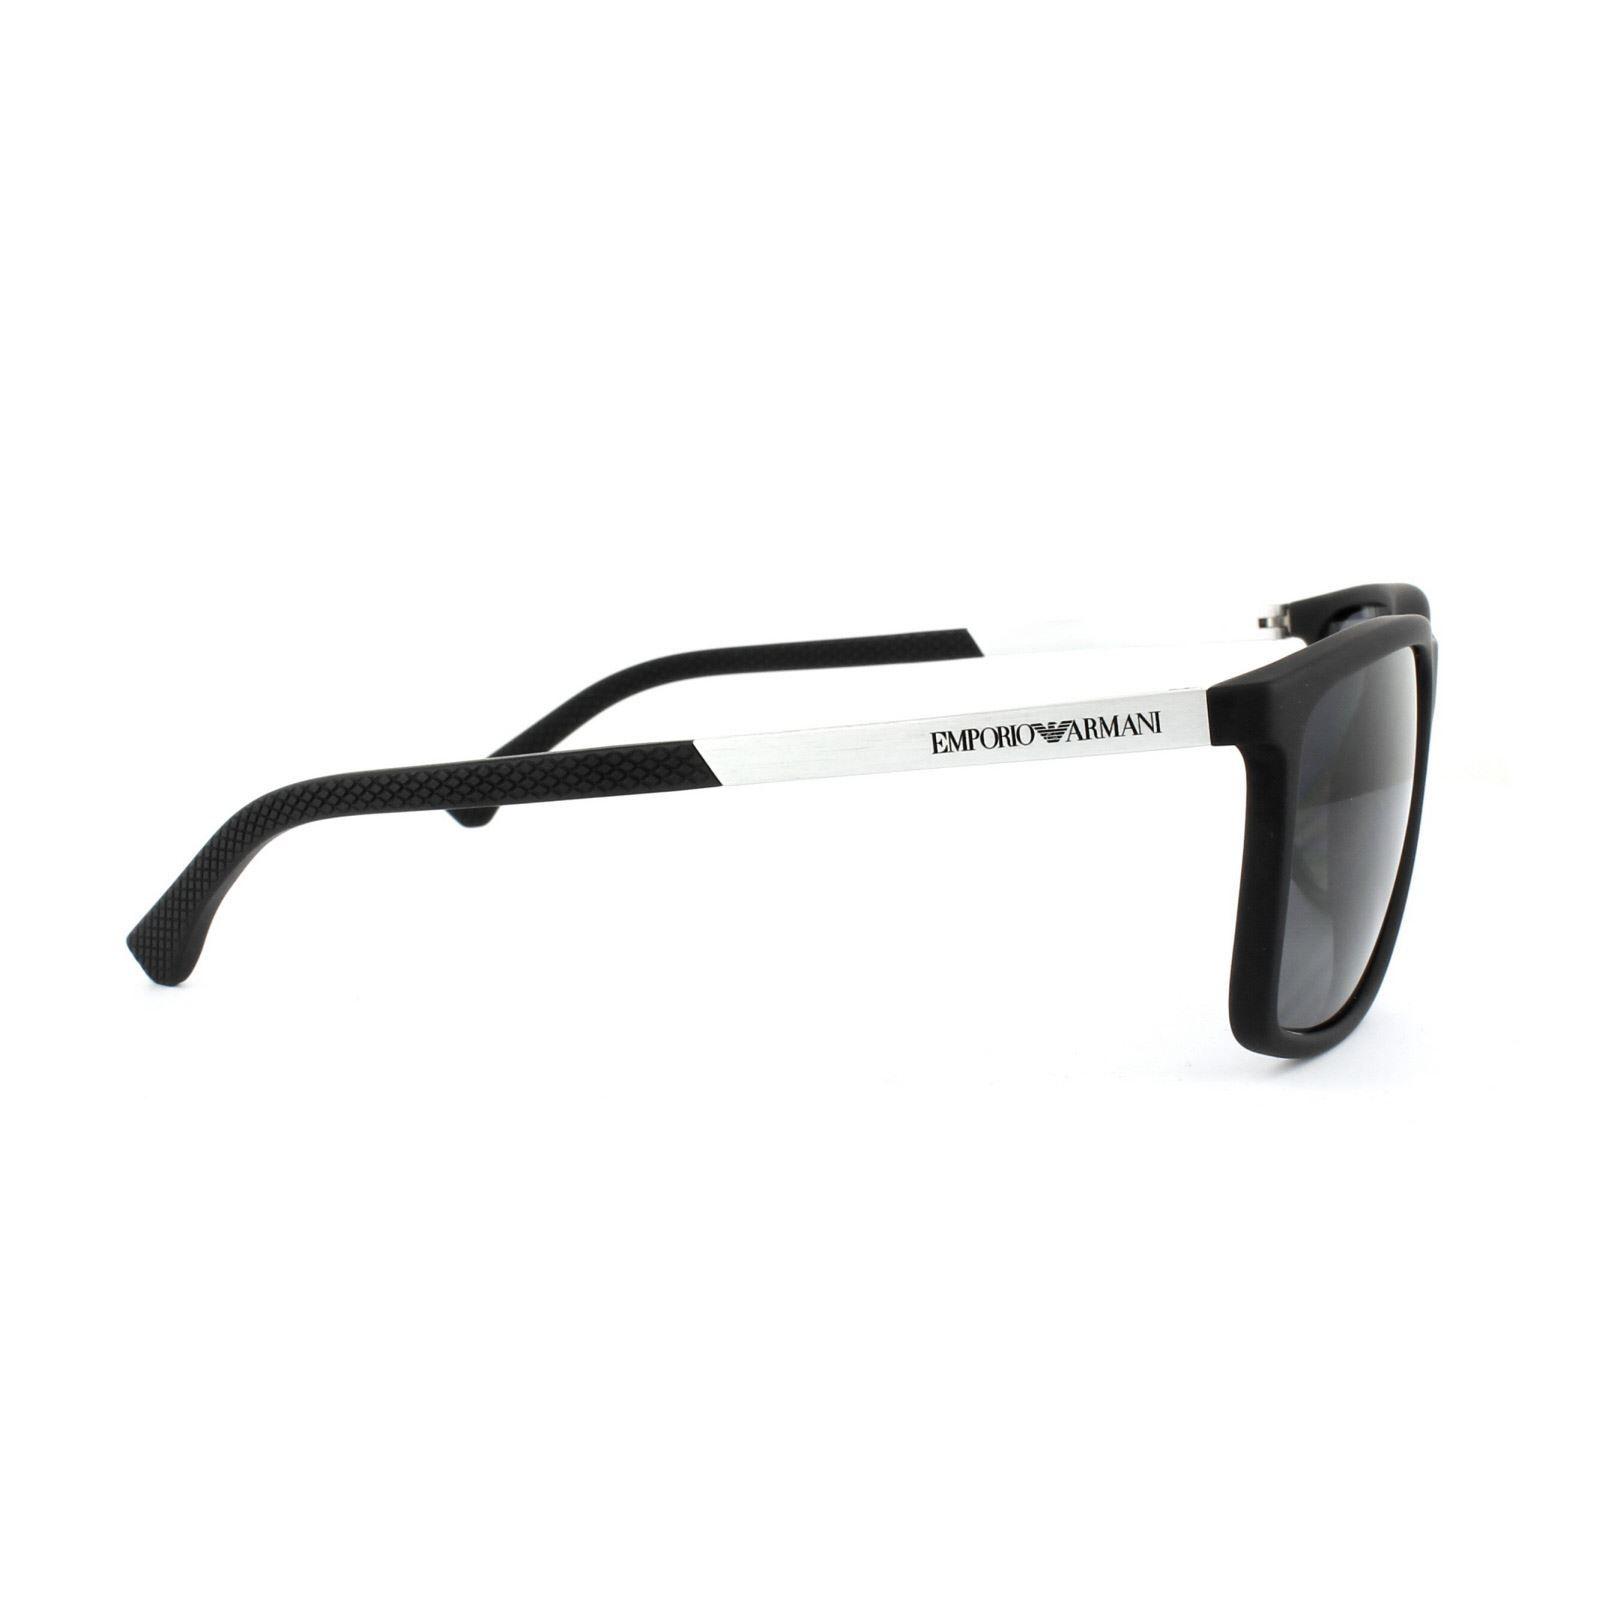 Emporio Armani Sunglasses 4058 5063/81 Black Rubber Grey Polarized